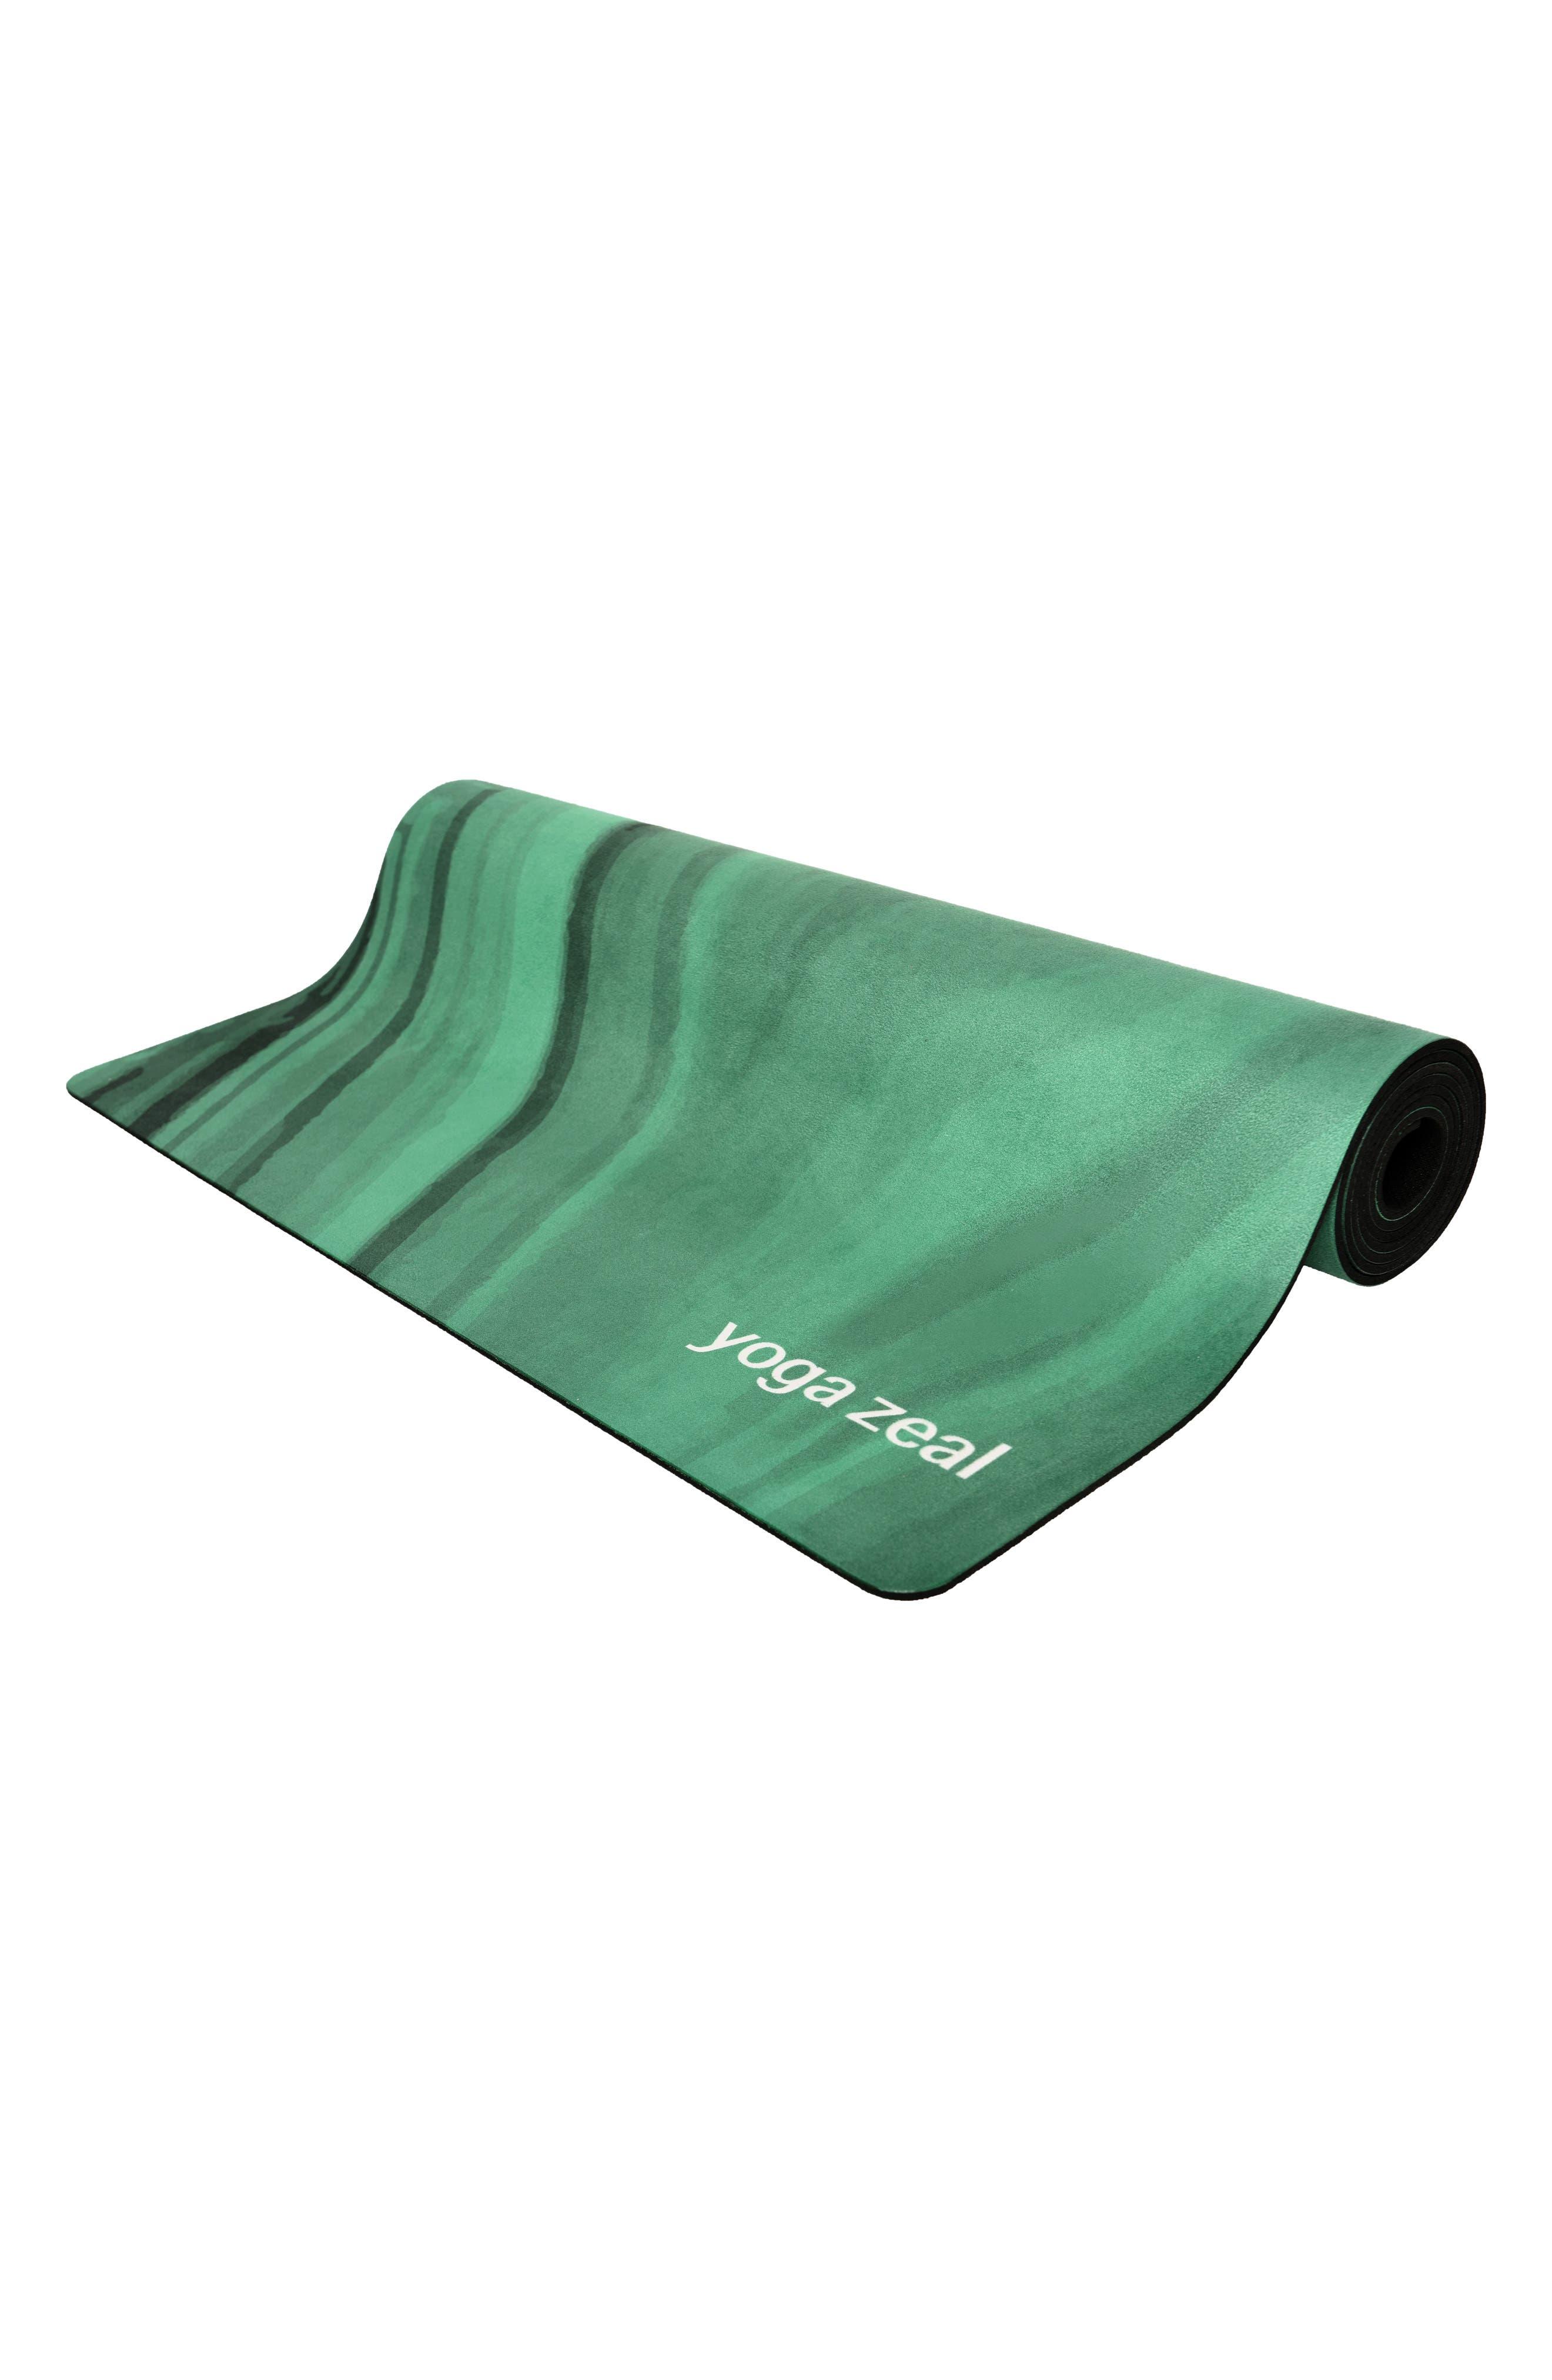 Malachite Print Yoga Mat,                             Alternate thumbnail 2, color,                             Green